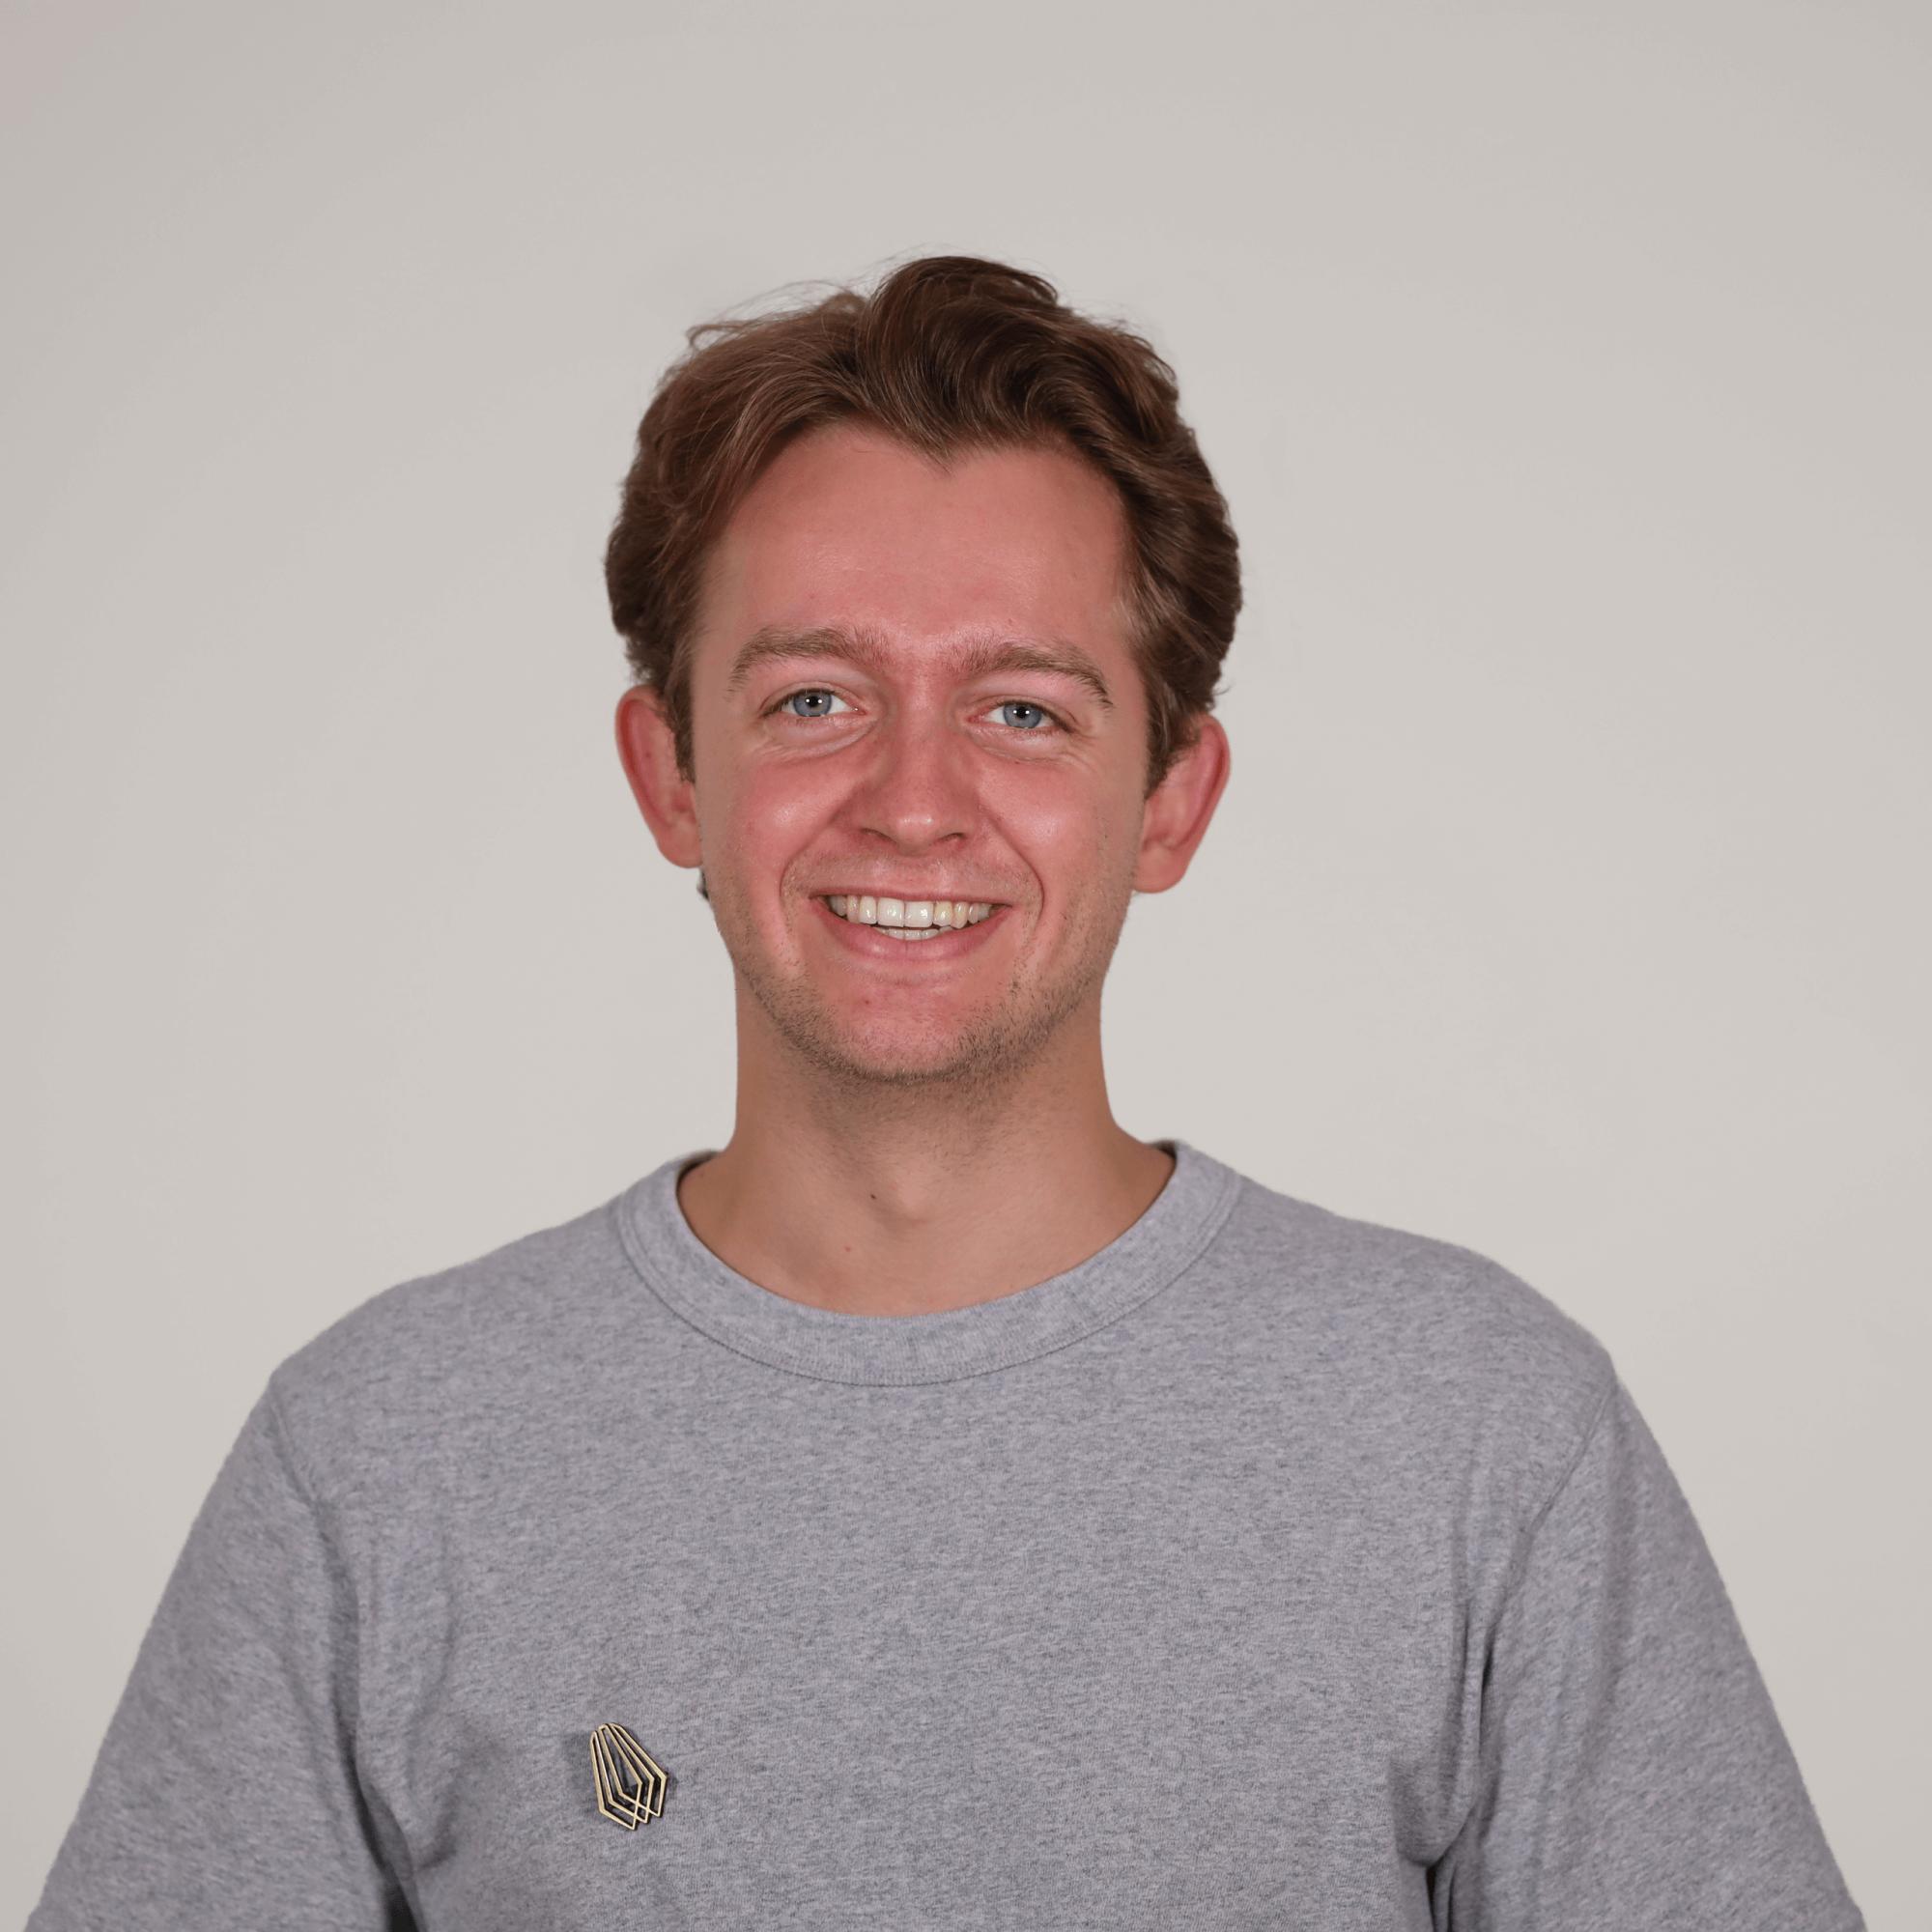 Thomas Laenens